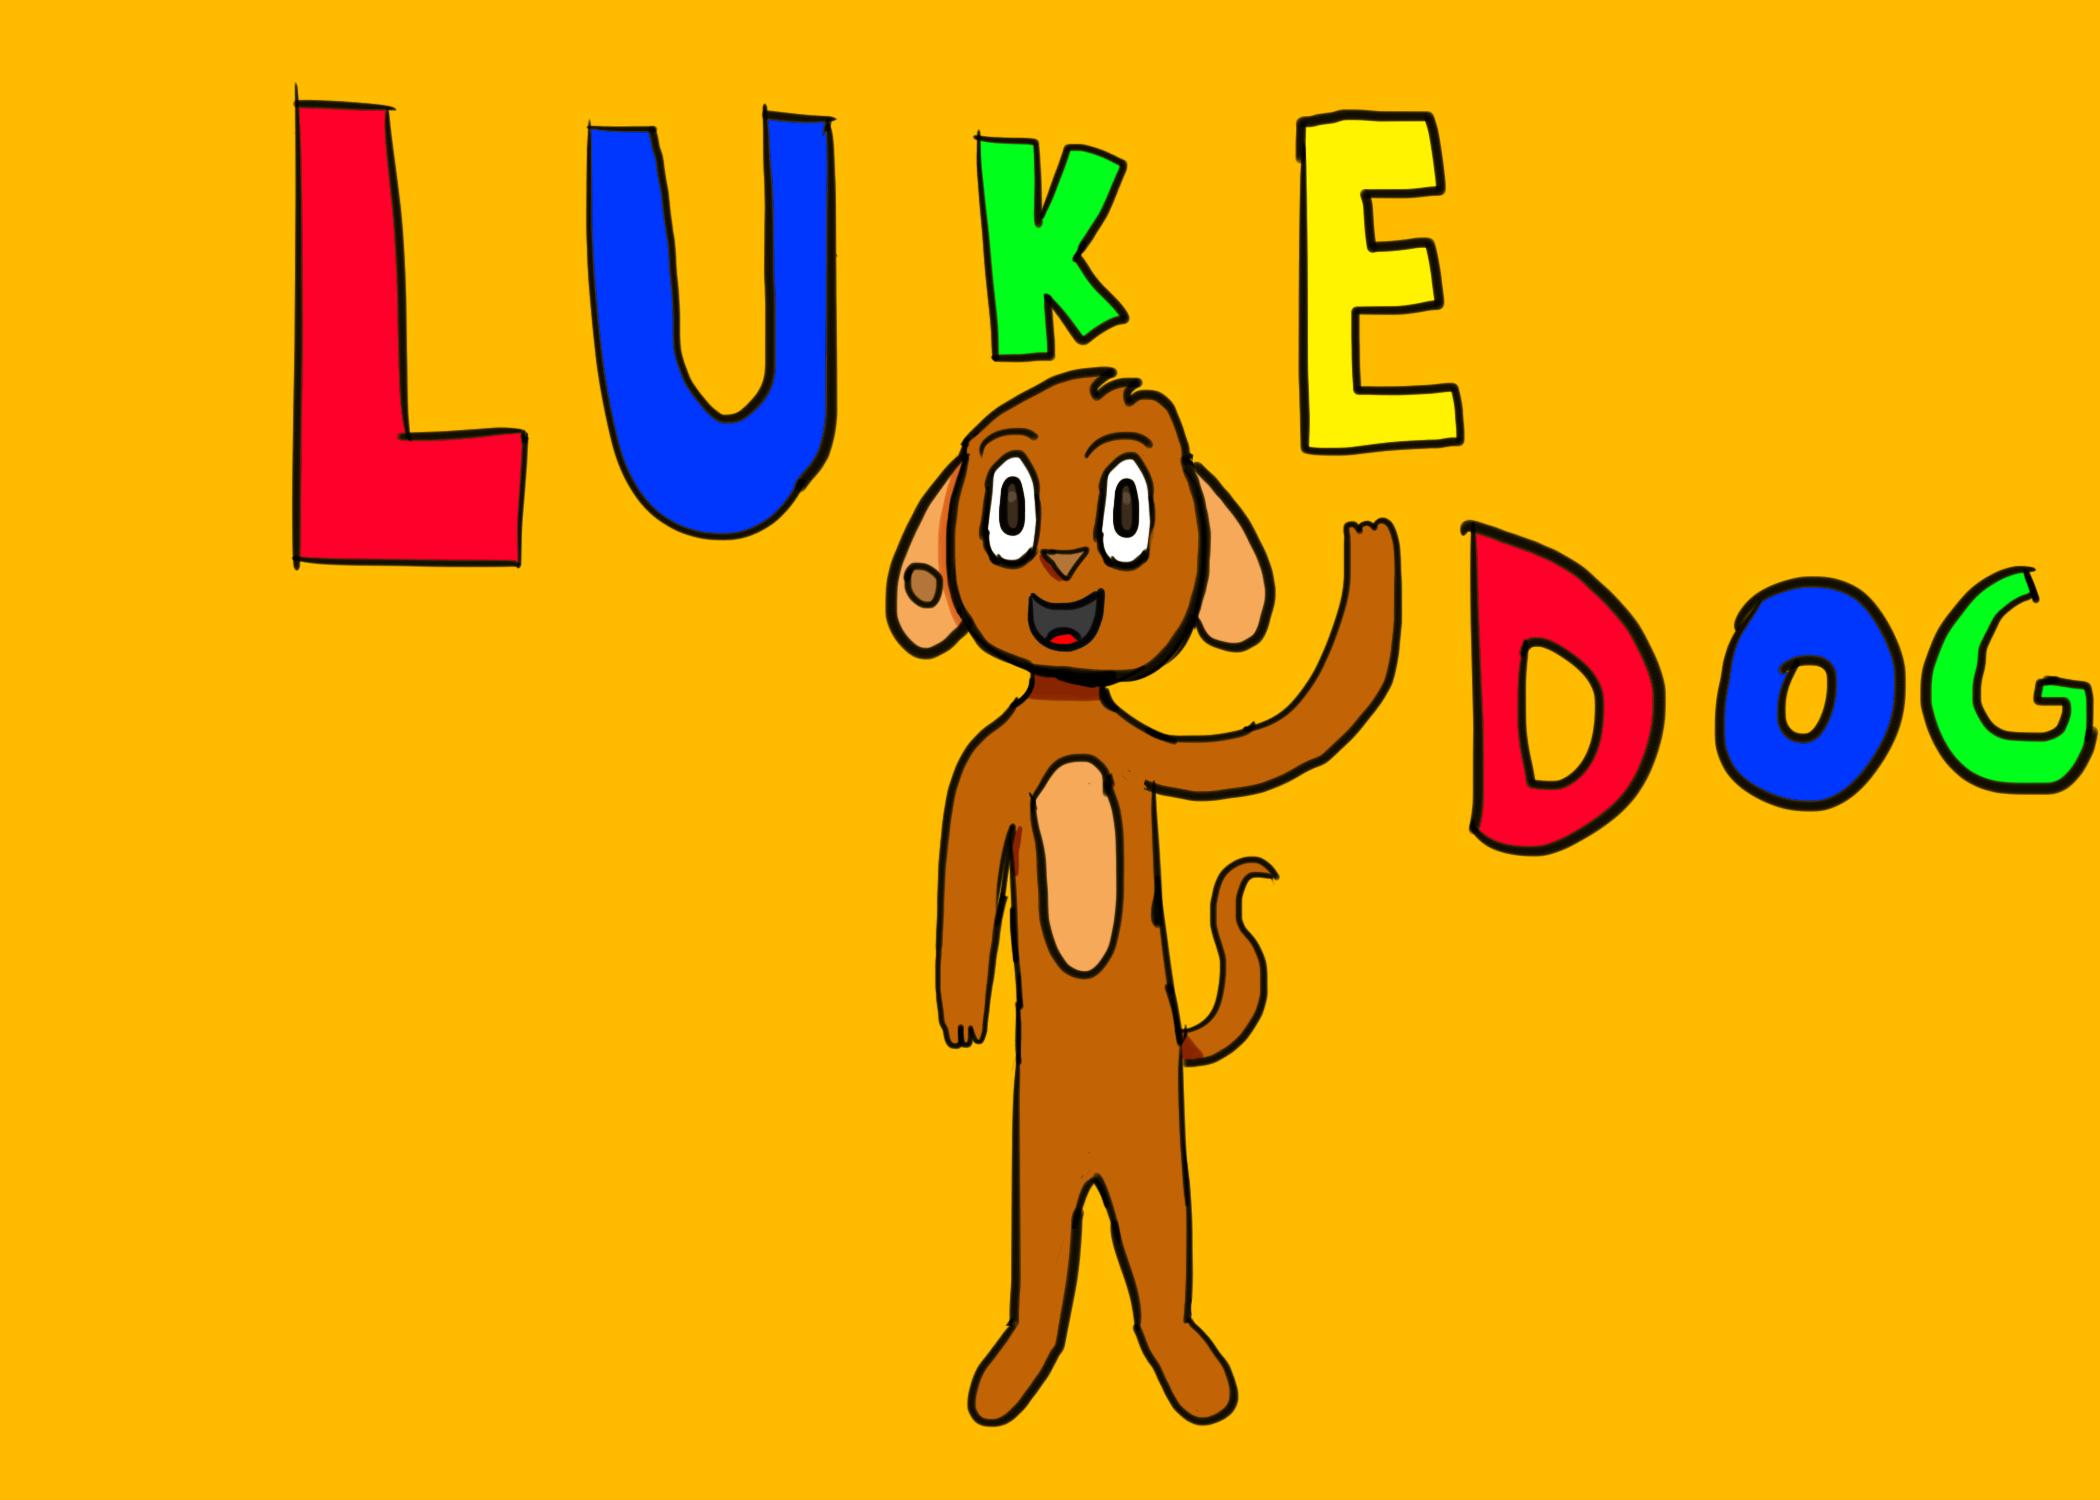 Luukedog